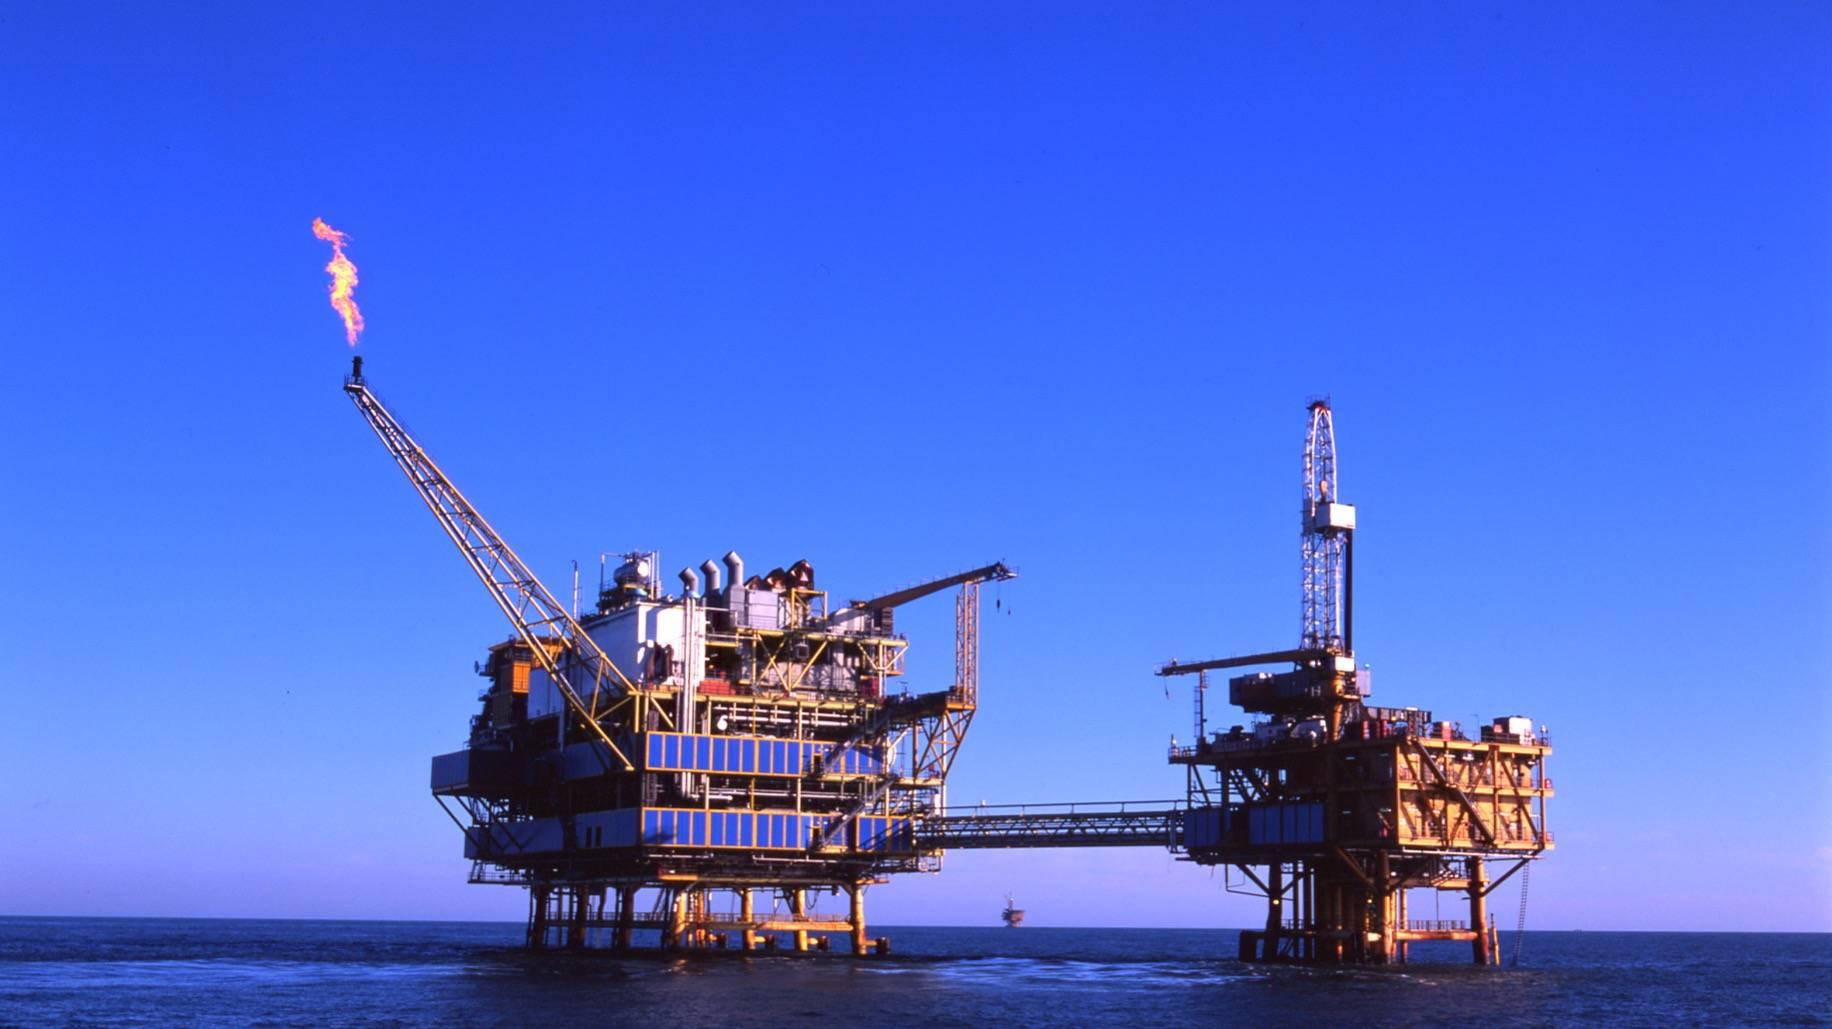 原渤海已探明1亿吨油田,中国将突破勘探难度,建设中国最大的原油基地